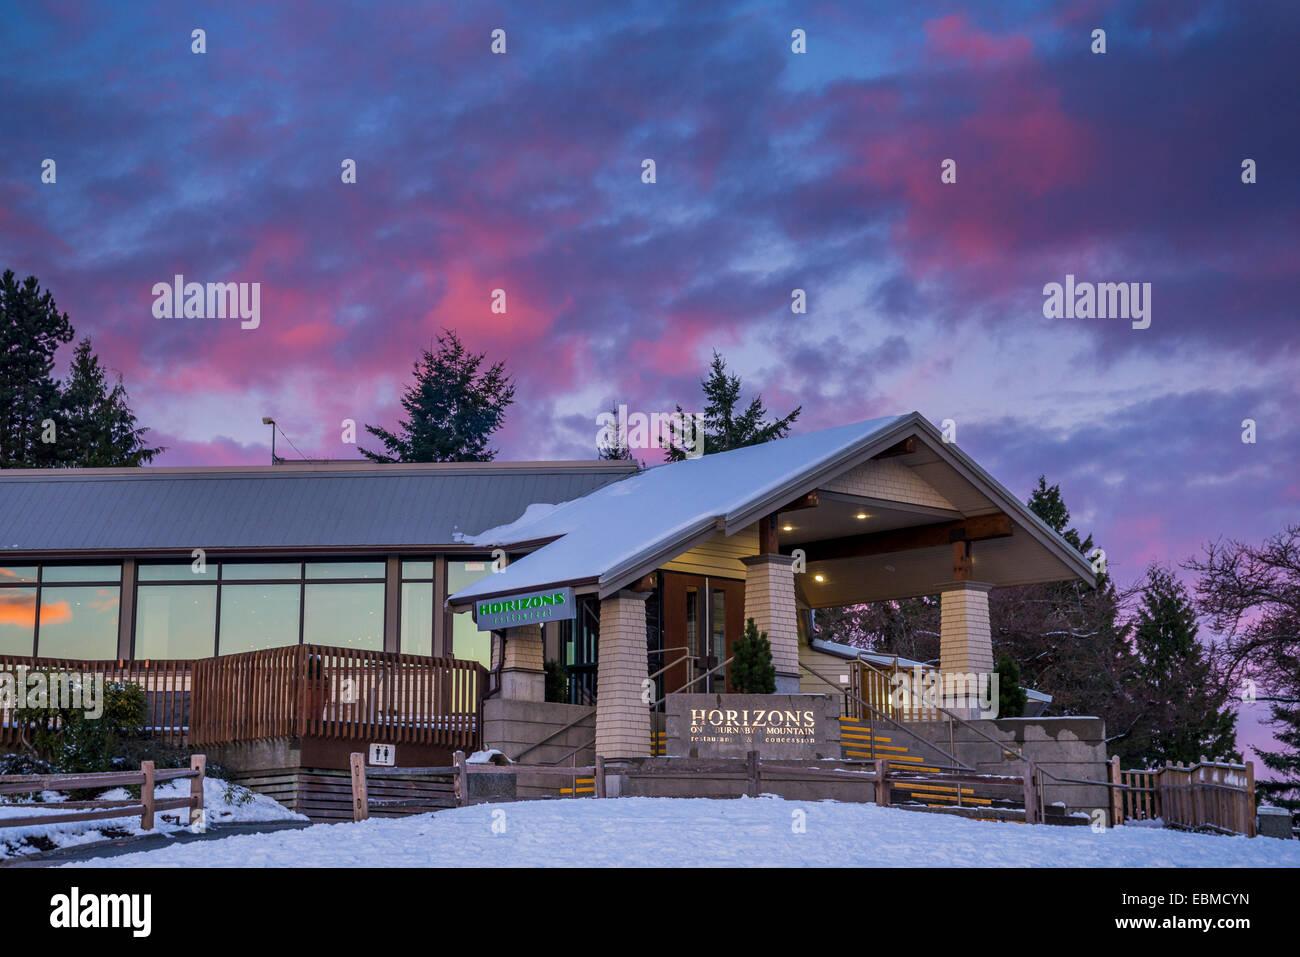 Horizons Restaurant atop Burnaby Mountain, Burnaby, British Columbia, Canada - Stock Image